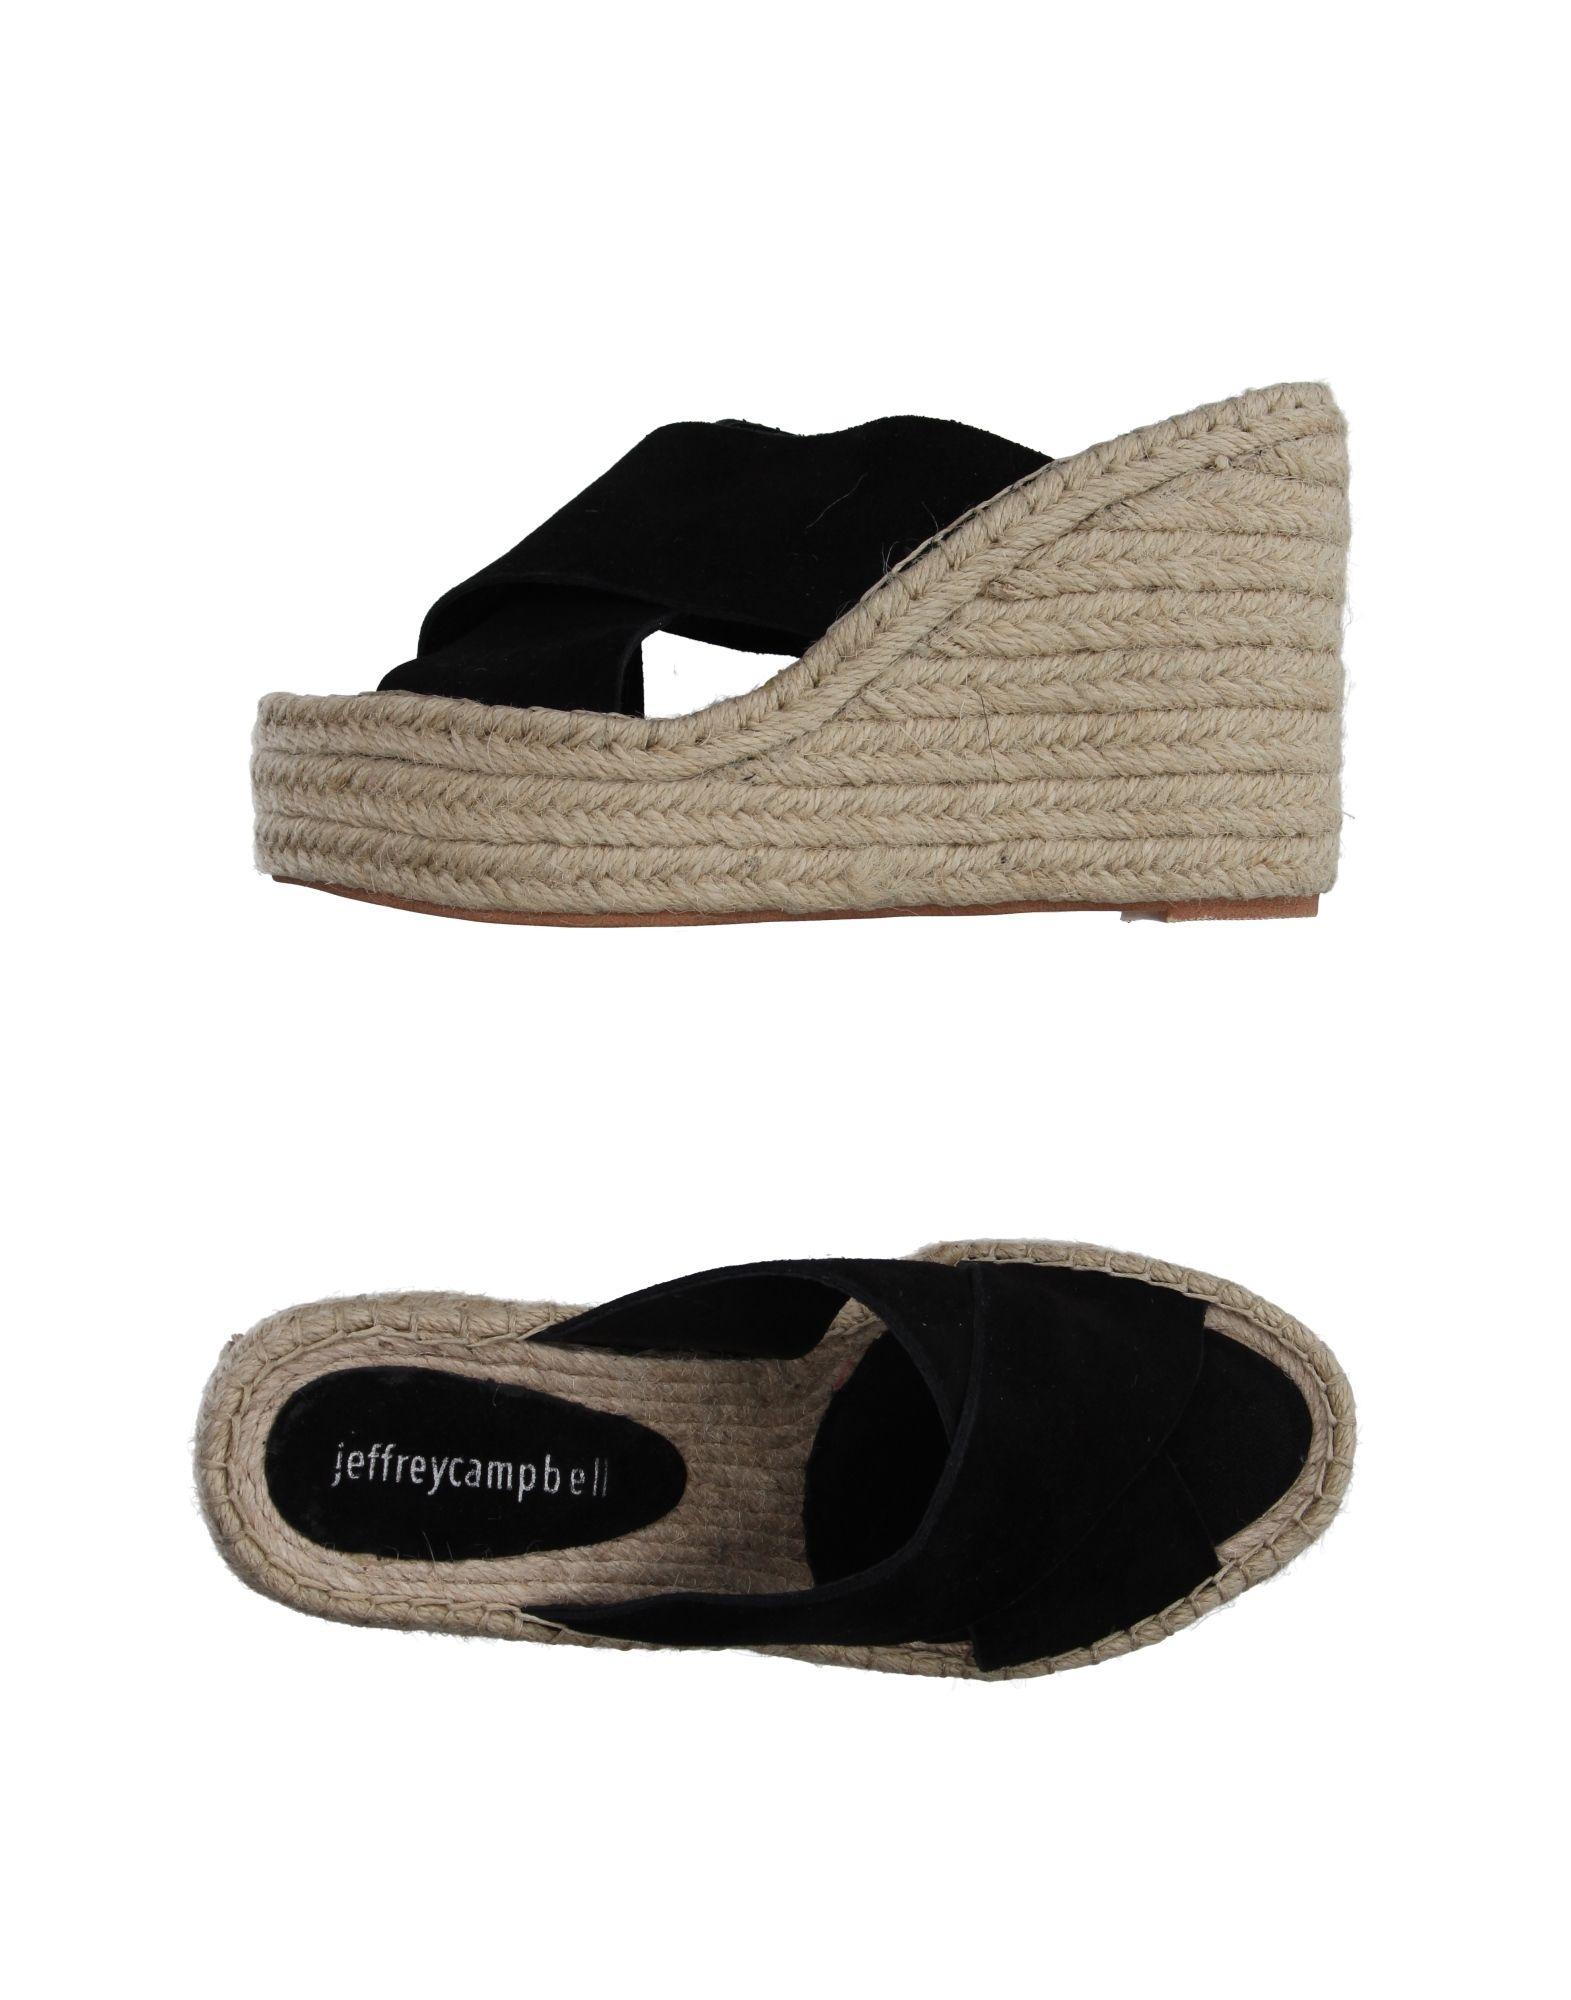 Jeffrey Campbell Espadrilles Damen  11155907XC Gute Qualität beliebte Schuhe